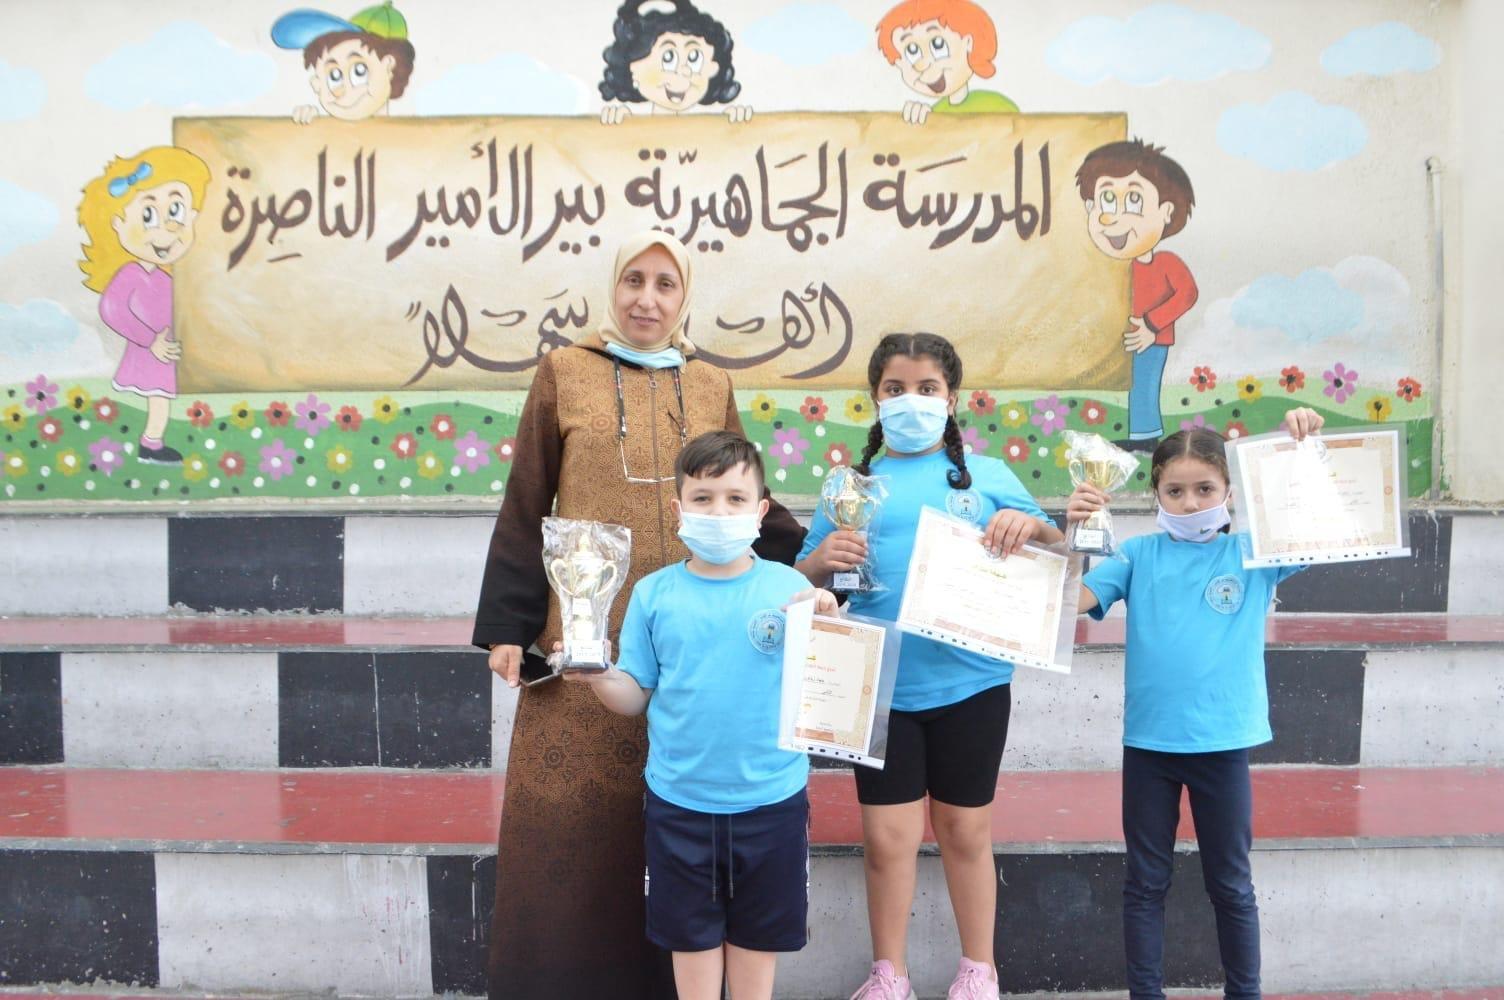 نجاحات وتألّقات في موضوع الرياضيات في المدرسة الجماهيرية بير الأمير - الناصرة